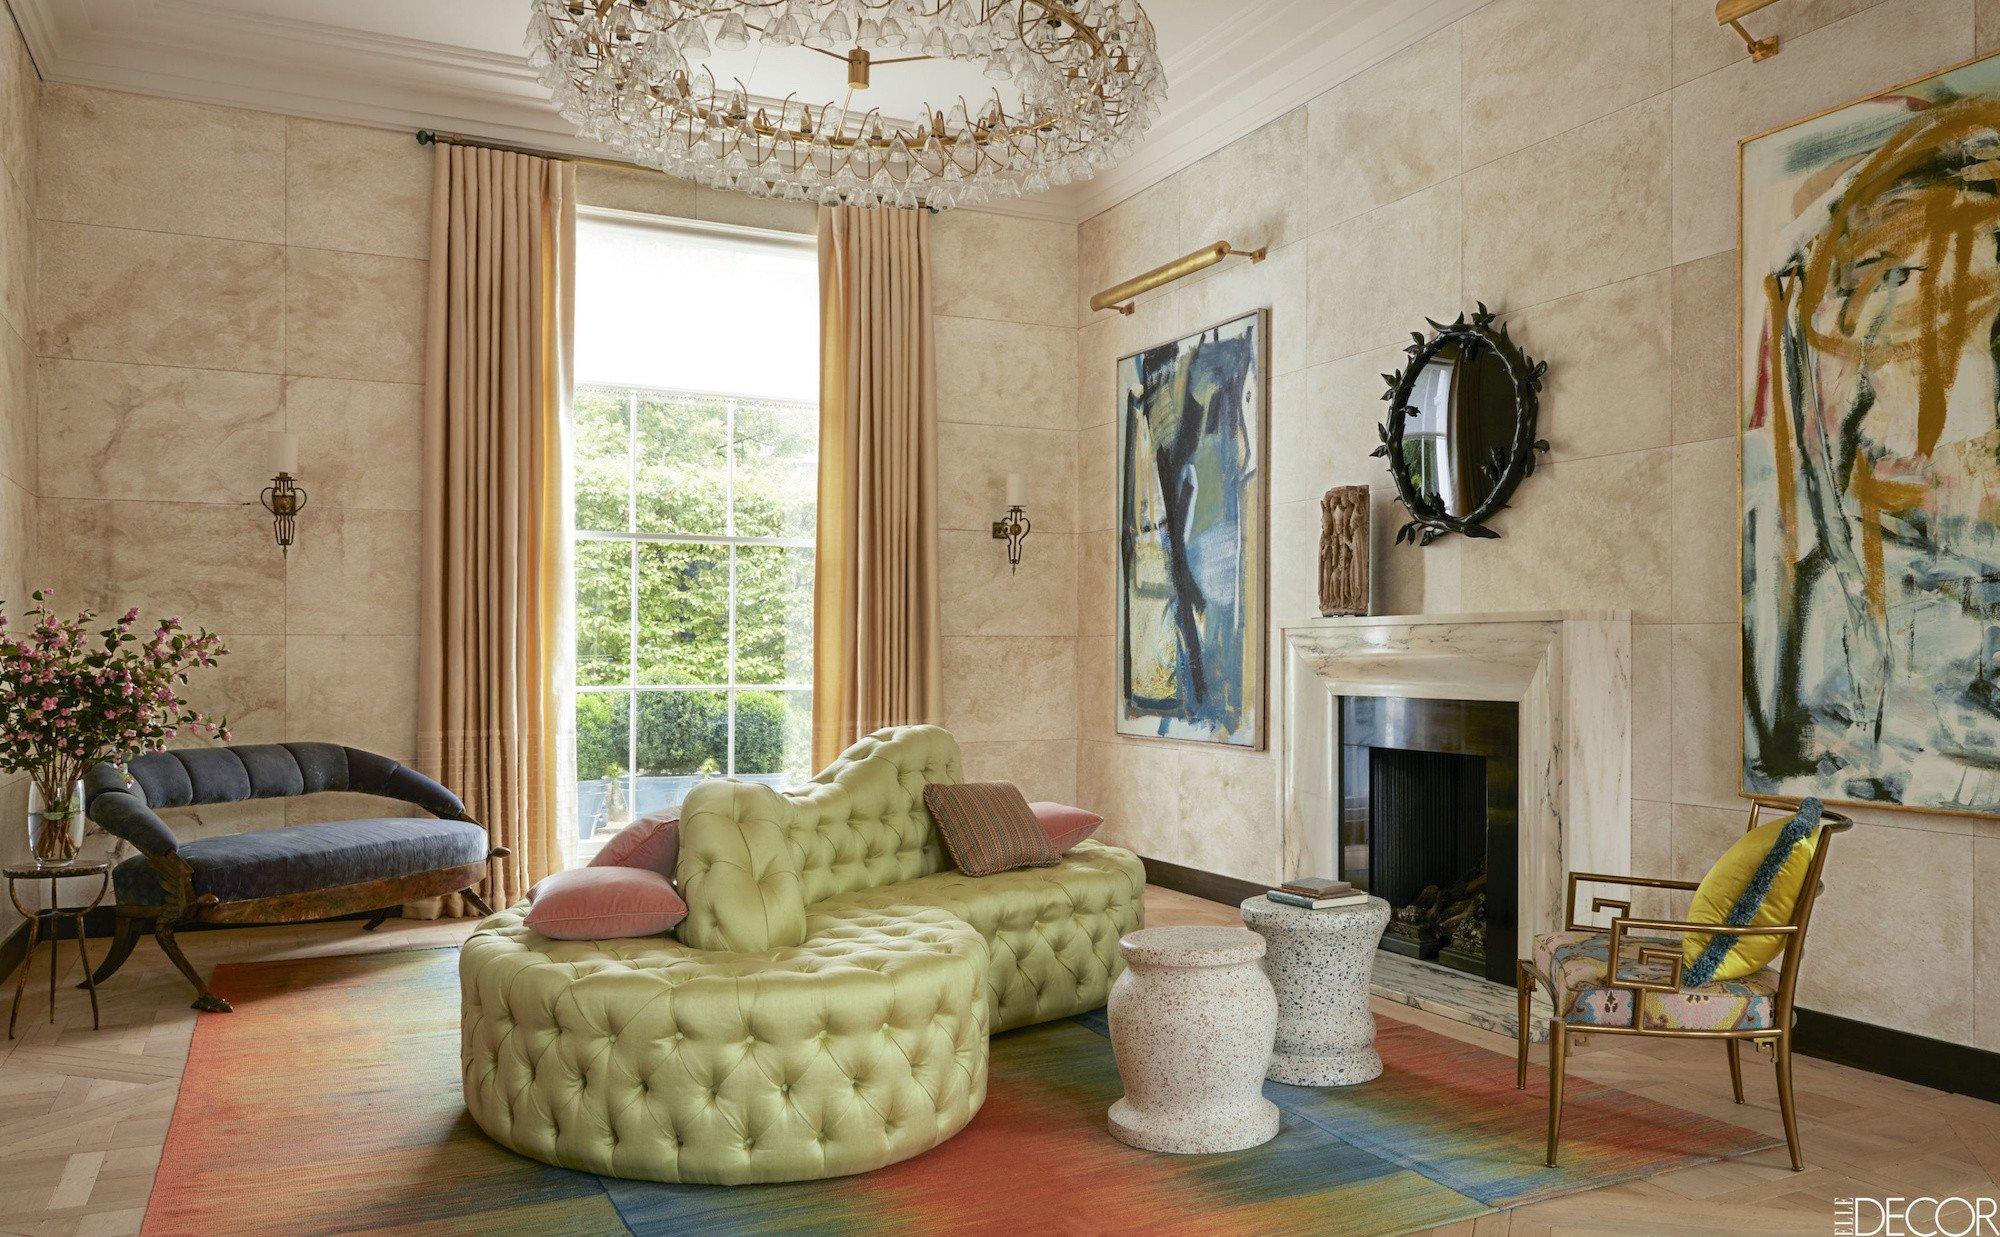 Curtain Ideasfor Living Room Elegant 20 Best Curtain Ideas for Living Room 2017 theydesign theydesign